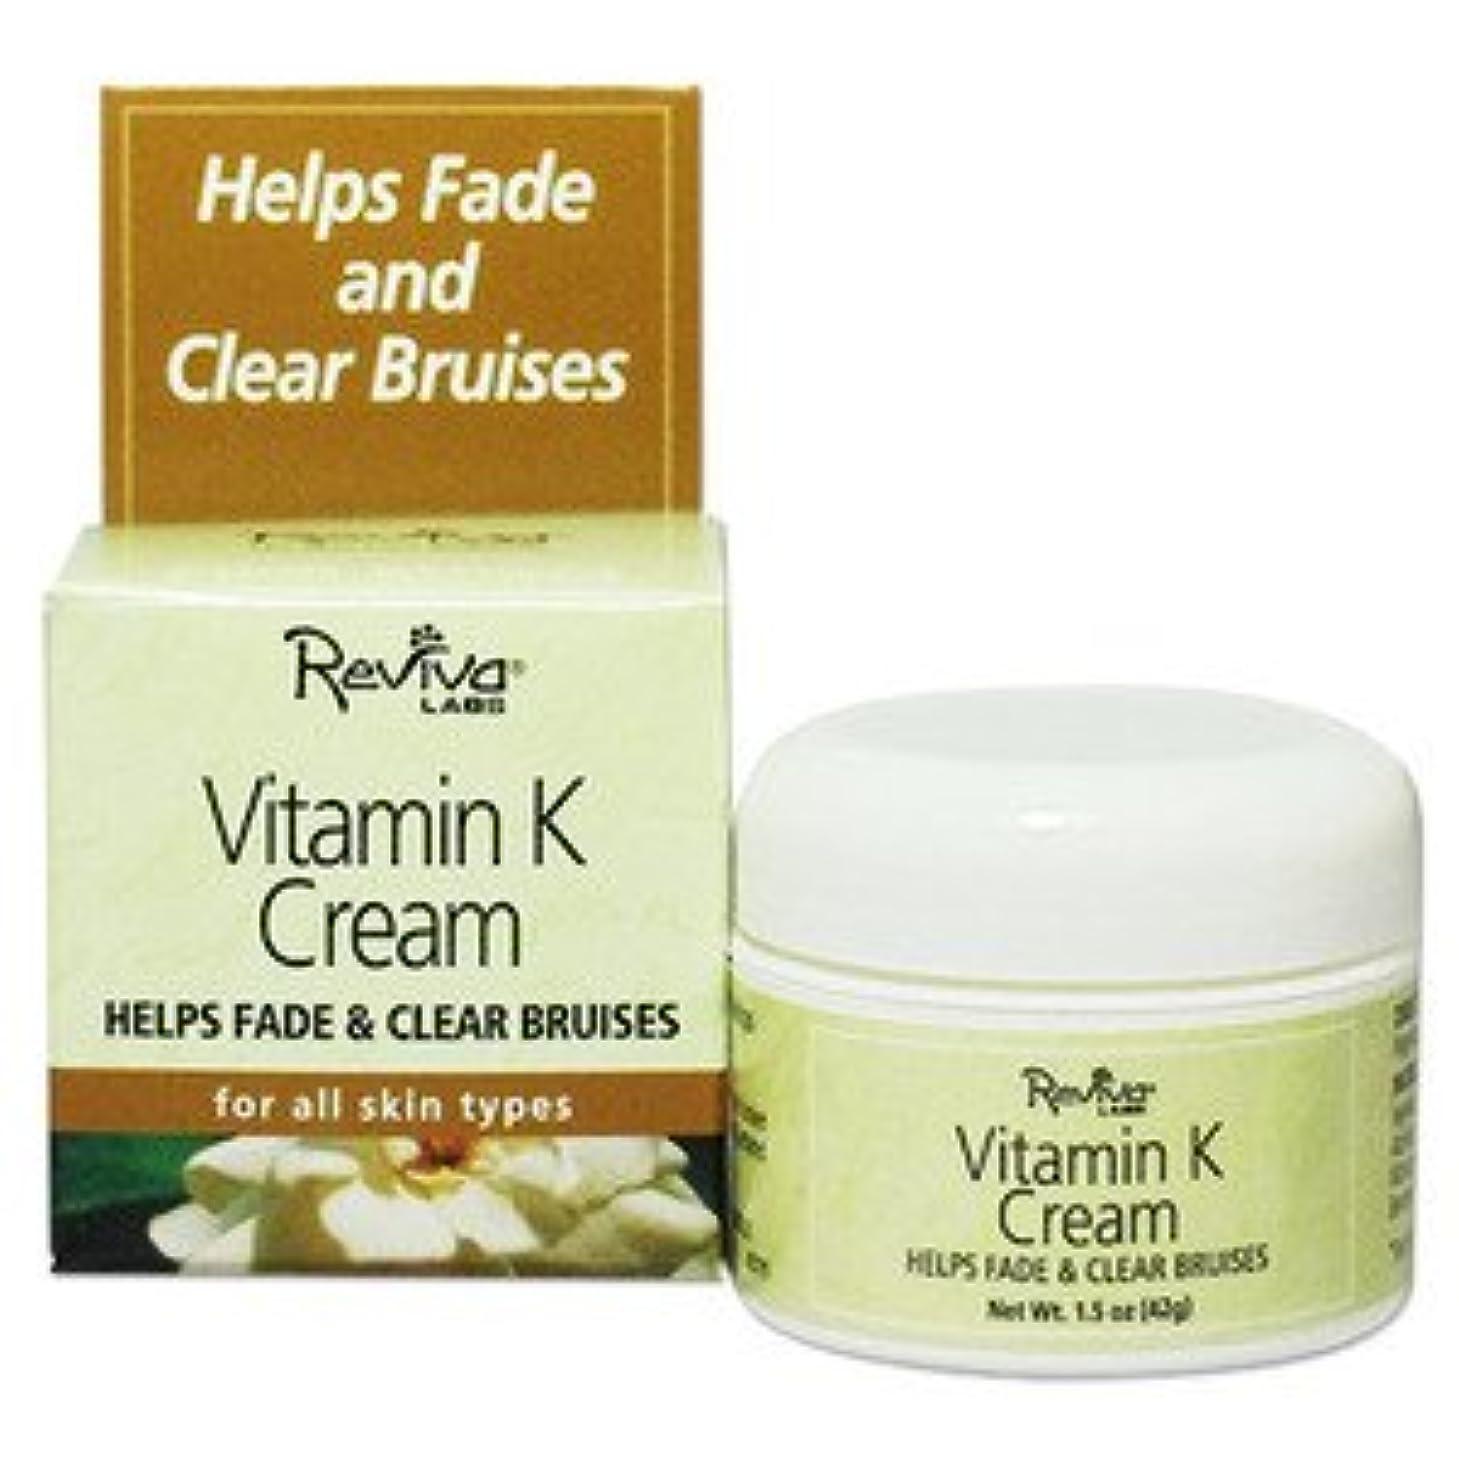 管理者泳ぐ留め金Reviva Labs レビバ社 Vitamin K Cream  (42 g)  ビタミンK クリーム 海外直送品